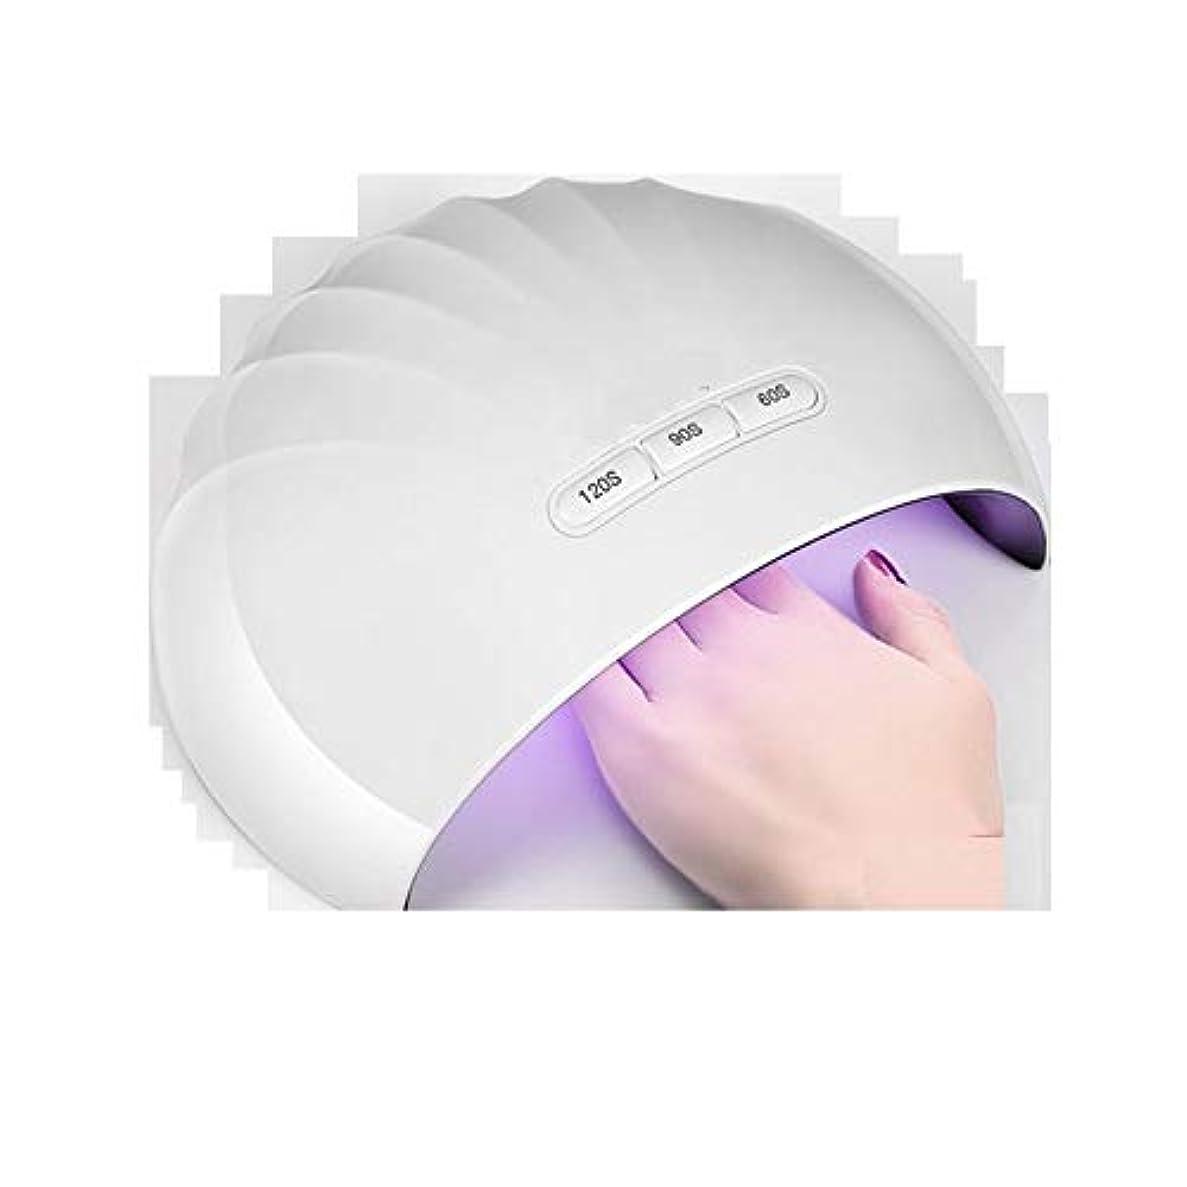 スリップシューズバランスのとれた引き金LittleCat ネイルネイル光線療法機ドライヤースマート36Wネイル12個のデュアル光源ランプビーズ (色 : White+USB cable)